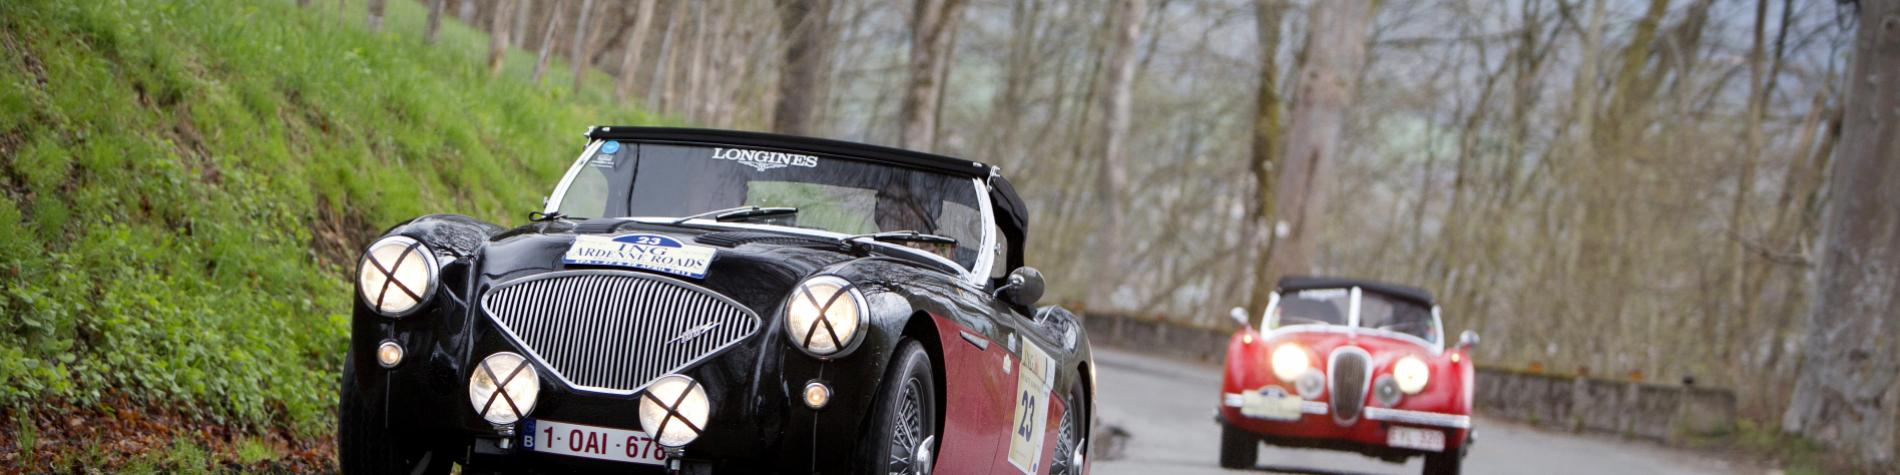 Activités Sport automobile - voitures anciennes - Ardenne Roads - Marche-en-Famenne